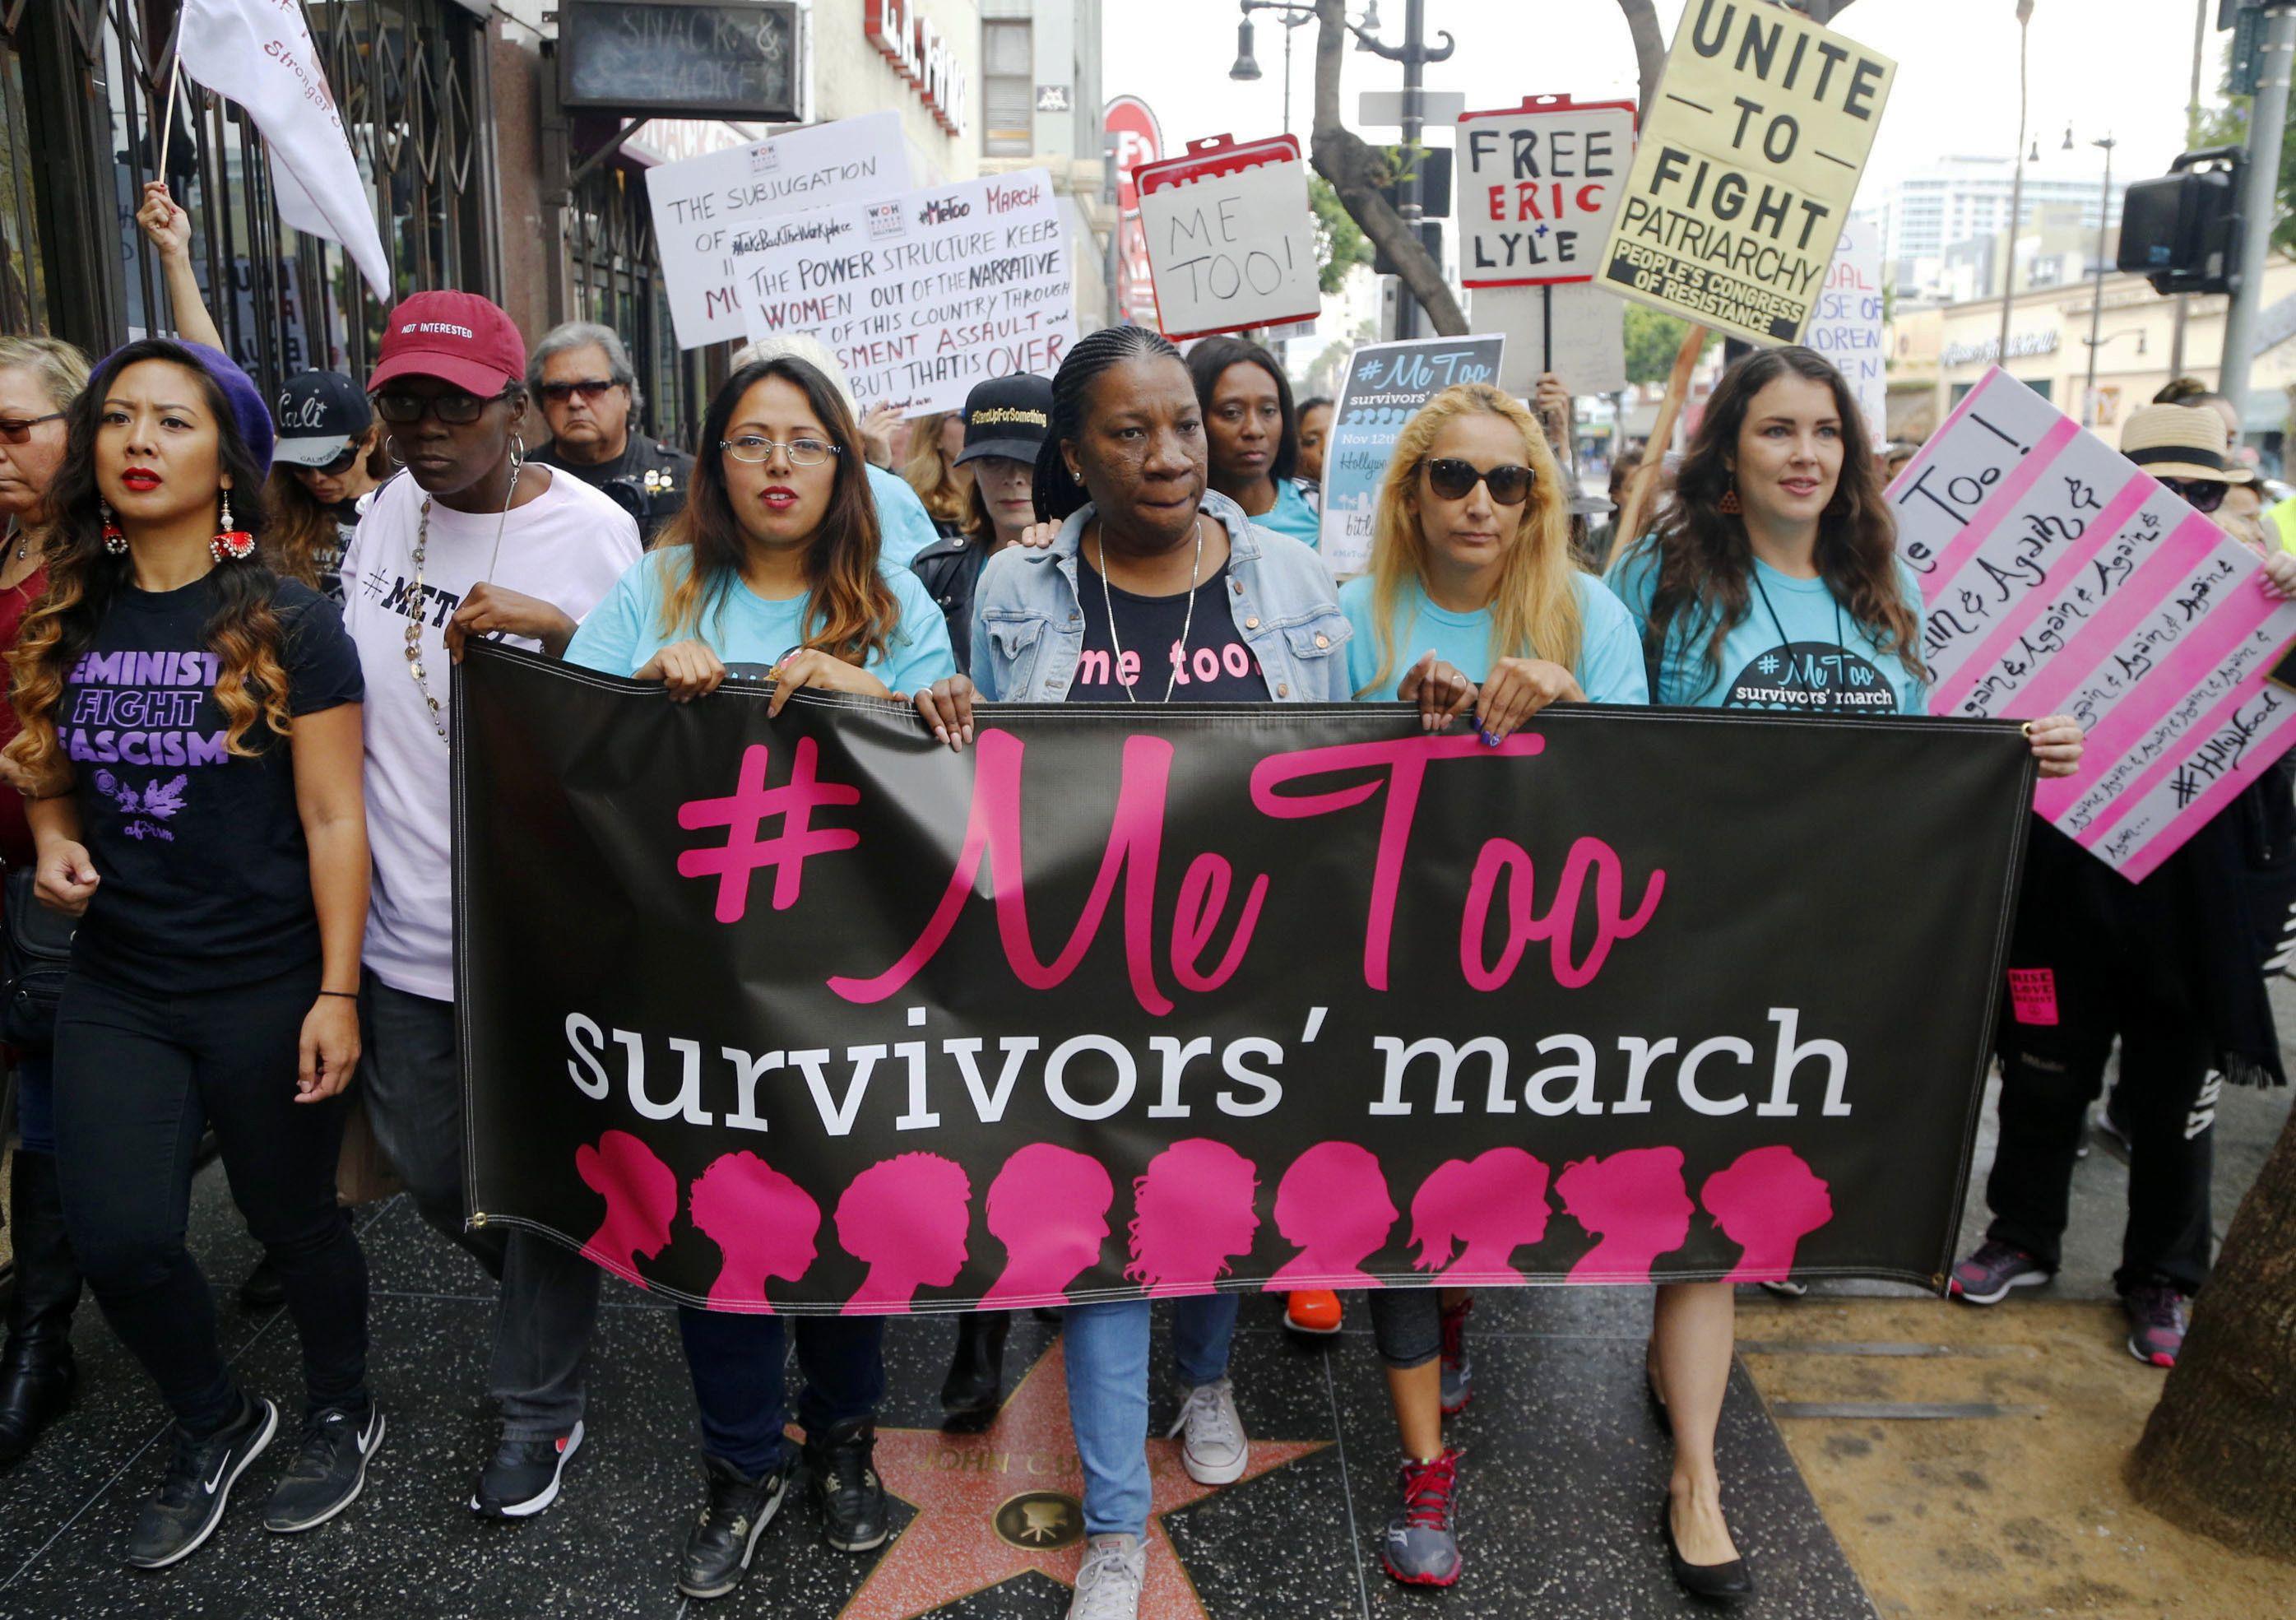 Marcha de apoyo al movimiento #MeToo del 1 de noviembre del 2017 en Los Angeles. En los cuatro años que pasaron desde su nacimiento, el movimiento ha ayudado a muchas mujeres a denunciar los acosos sexuales a los que fueron víctimas.